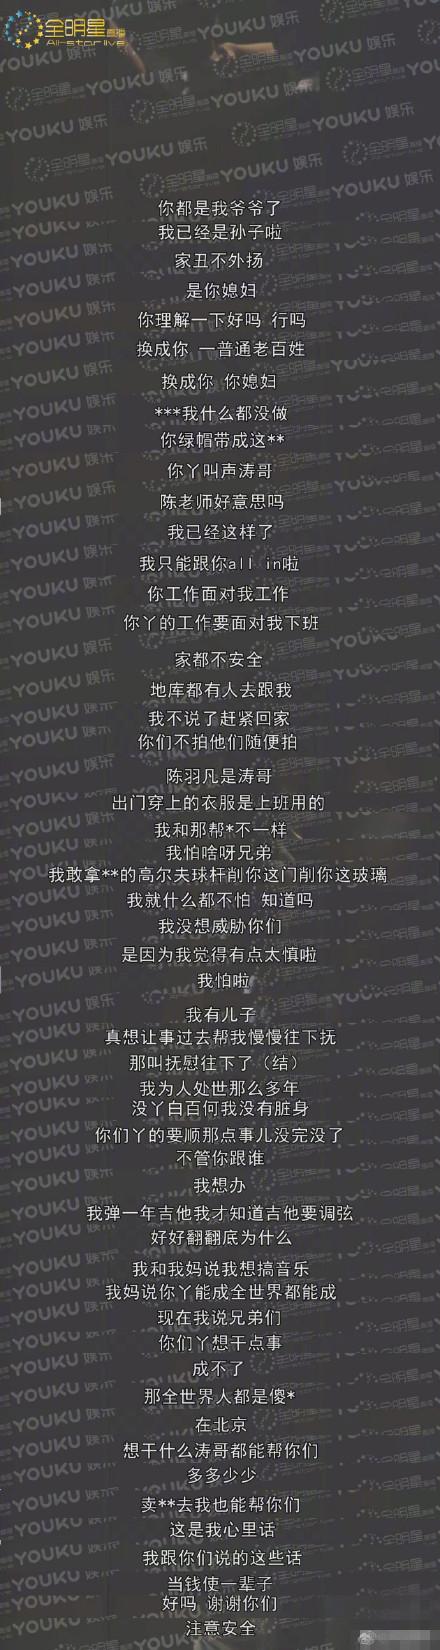 [娱论导向]陈羽凡的愤怒值得同情,更值得去遗忘